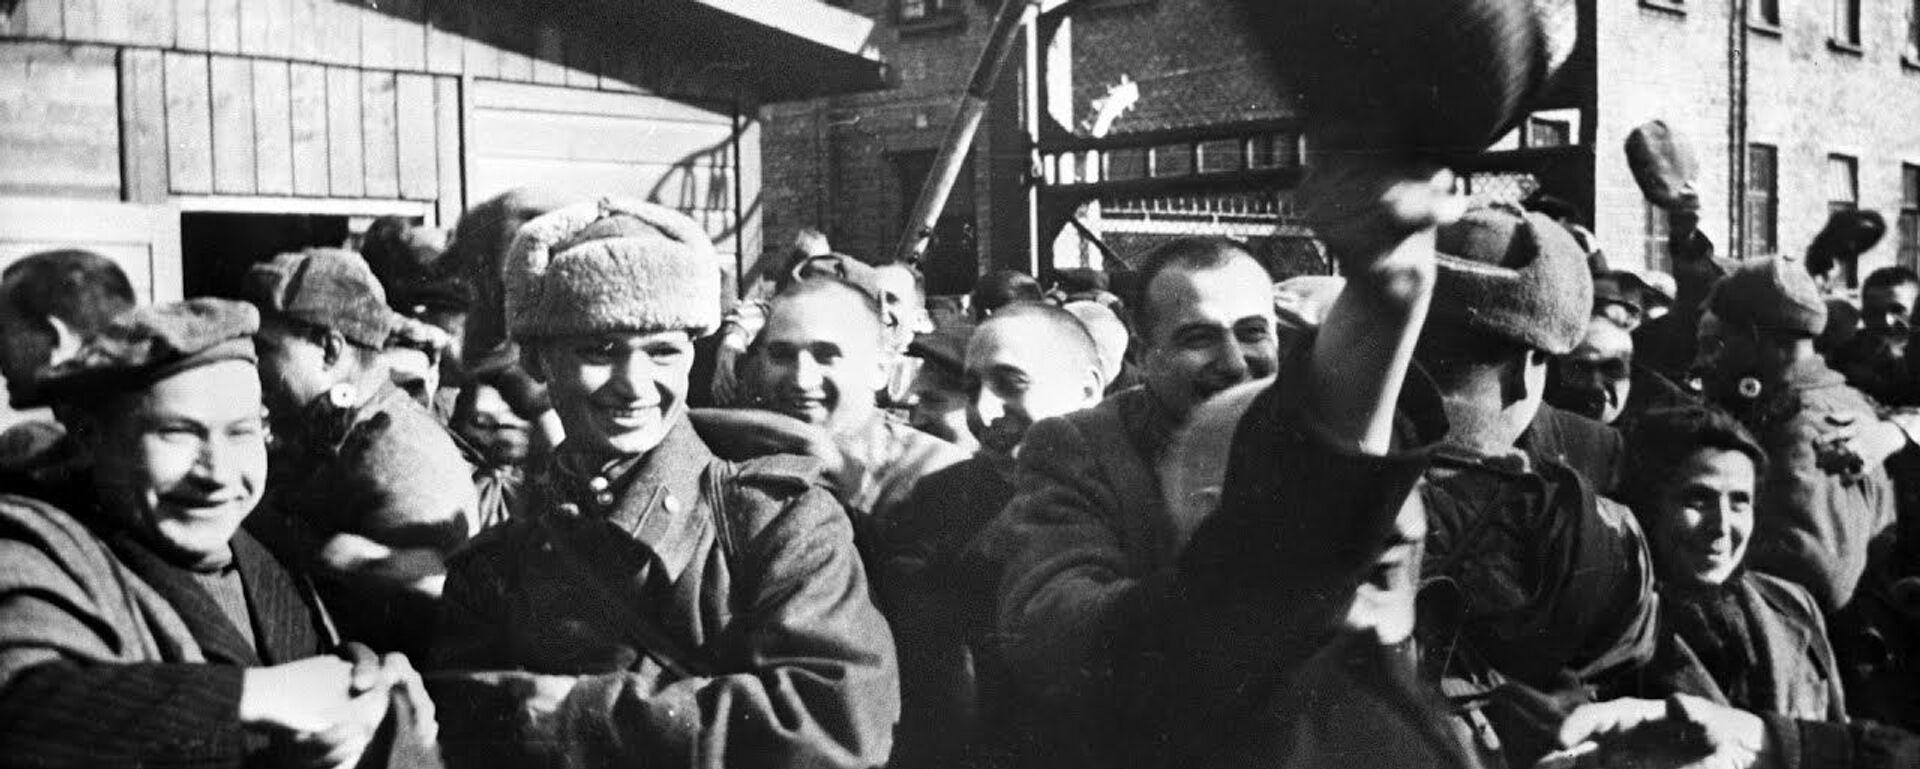 Невежество или четкий план: почему освобождение Освенцима приписывают американцам - Sputnik Узбекистан, 1920, 30.01.2020